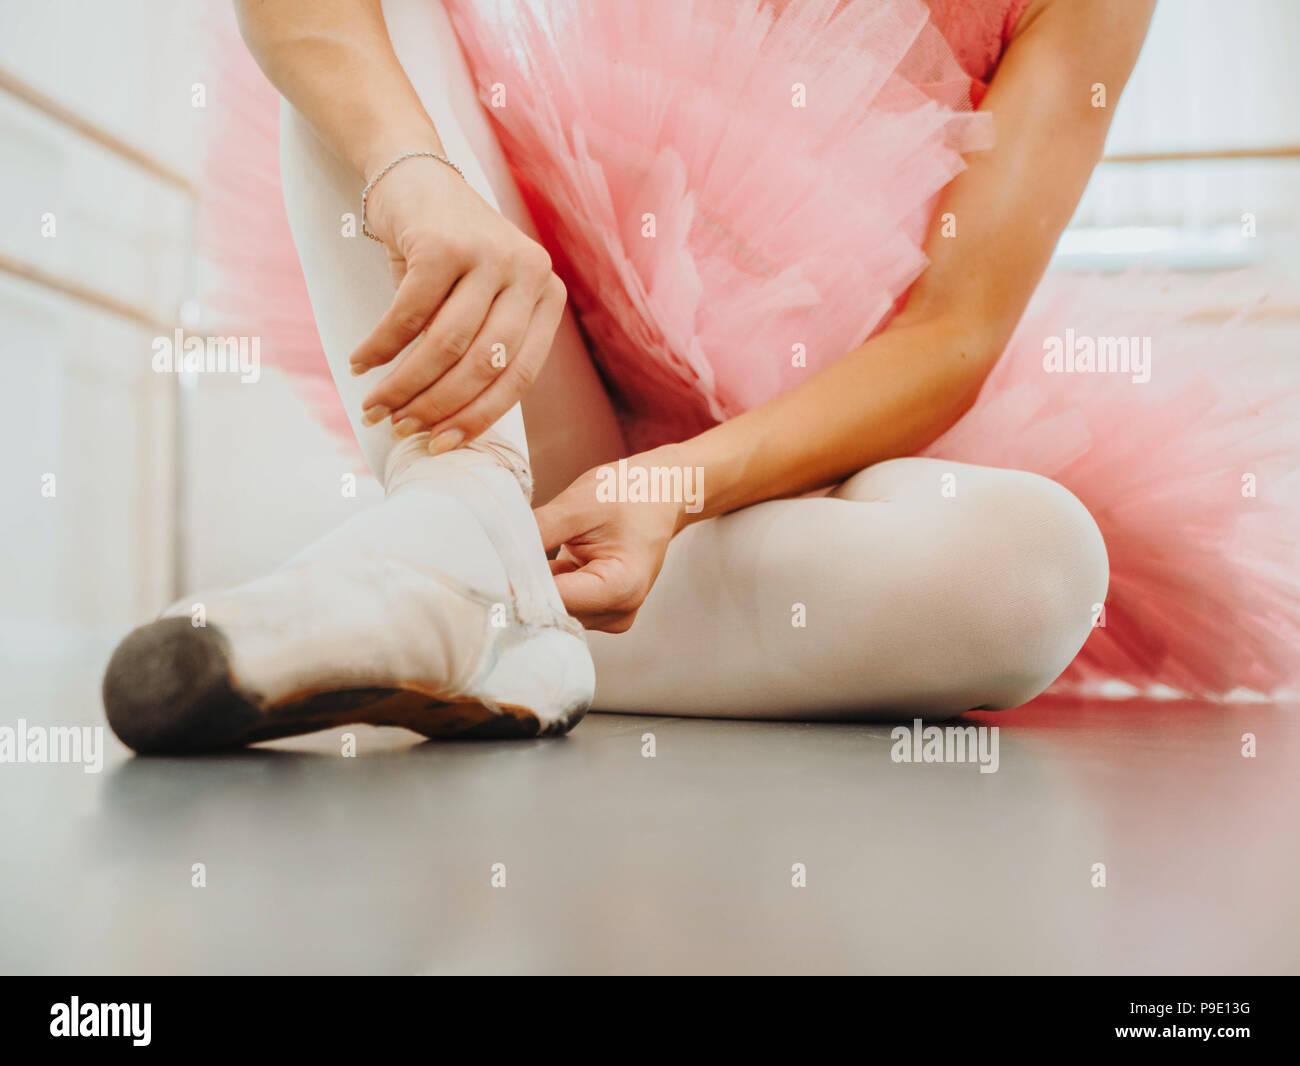 Joven bailarina en rosa tutu traje blanco envolturas de cintas de seda de capota de lona zapatos de ballet pointe y lazos. Mujer preparando para clases de formación de baile en el gimnasio. Imagen De Stock